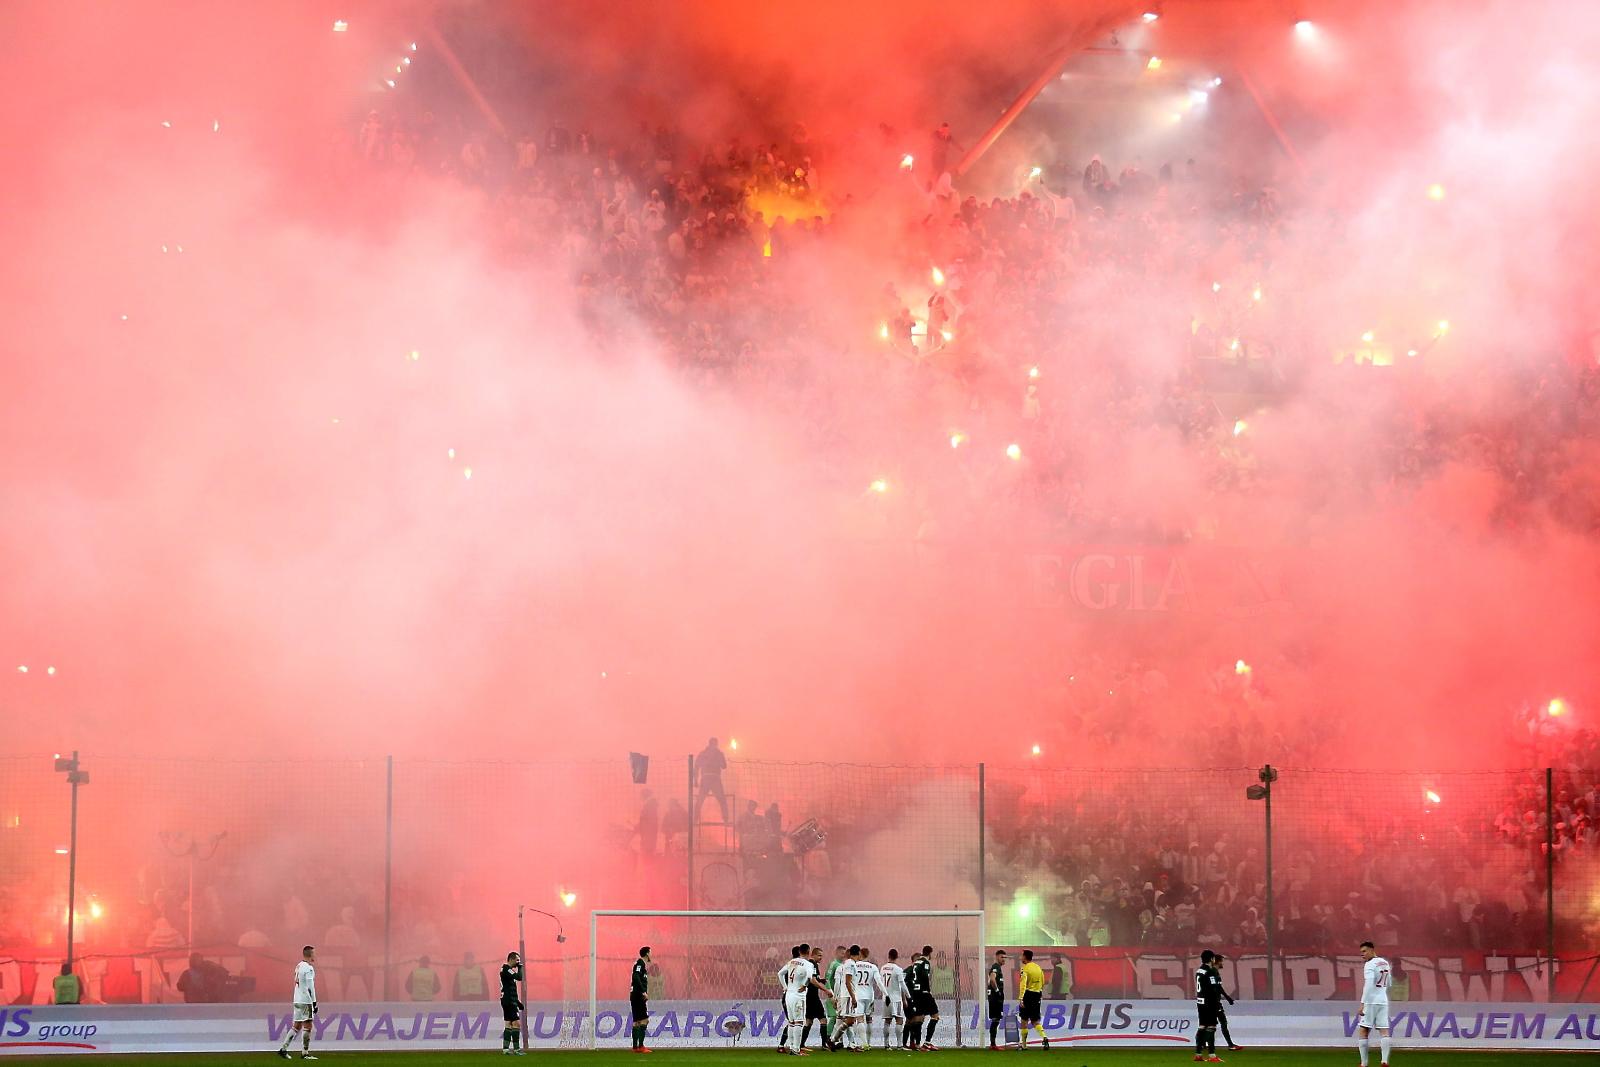 Przerwa w grze spowodowana odpalonymi przez kibiców Legii racami podczas meczu o mistrzostwo piłkarskiej Ekstraklasy pomiędzy Legią Warszawa a Górnikiem Zabrze w Warszawie.